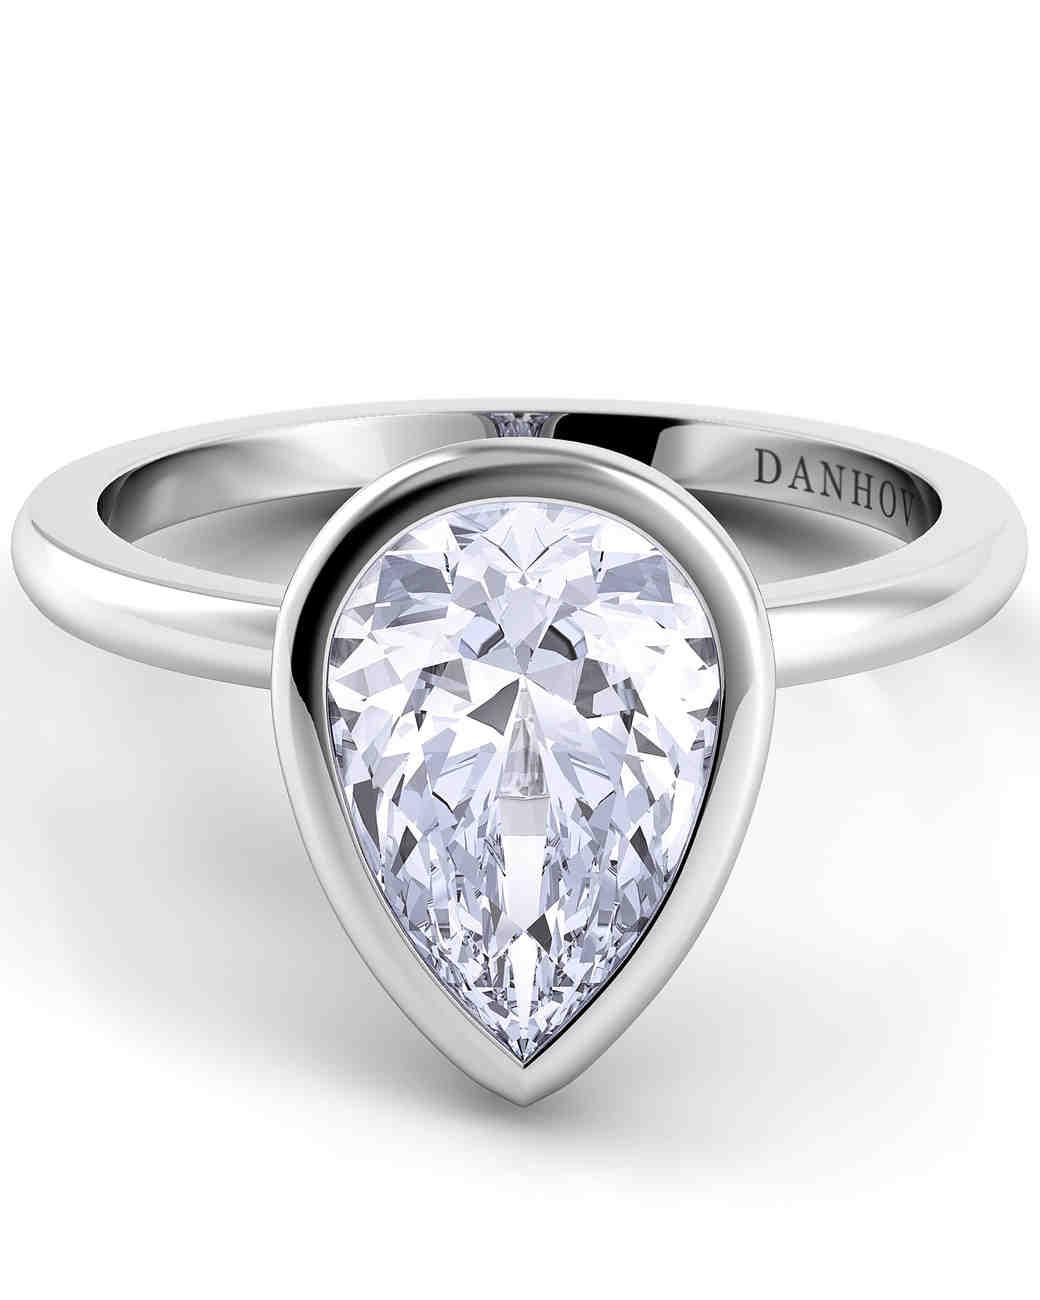 pear cut diamond engagement rings tear drop wedding ring Danhov Pear Cut Engagement Rings